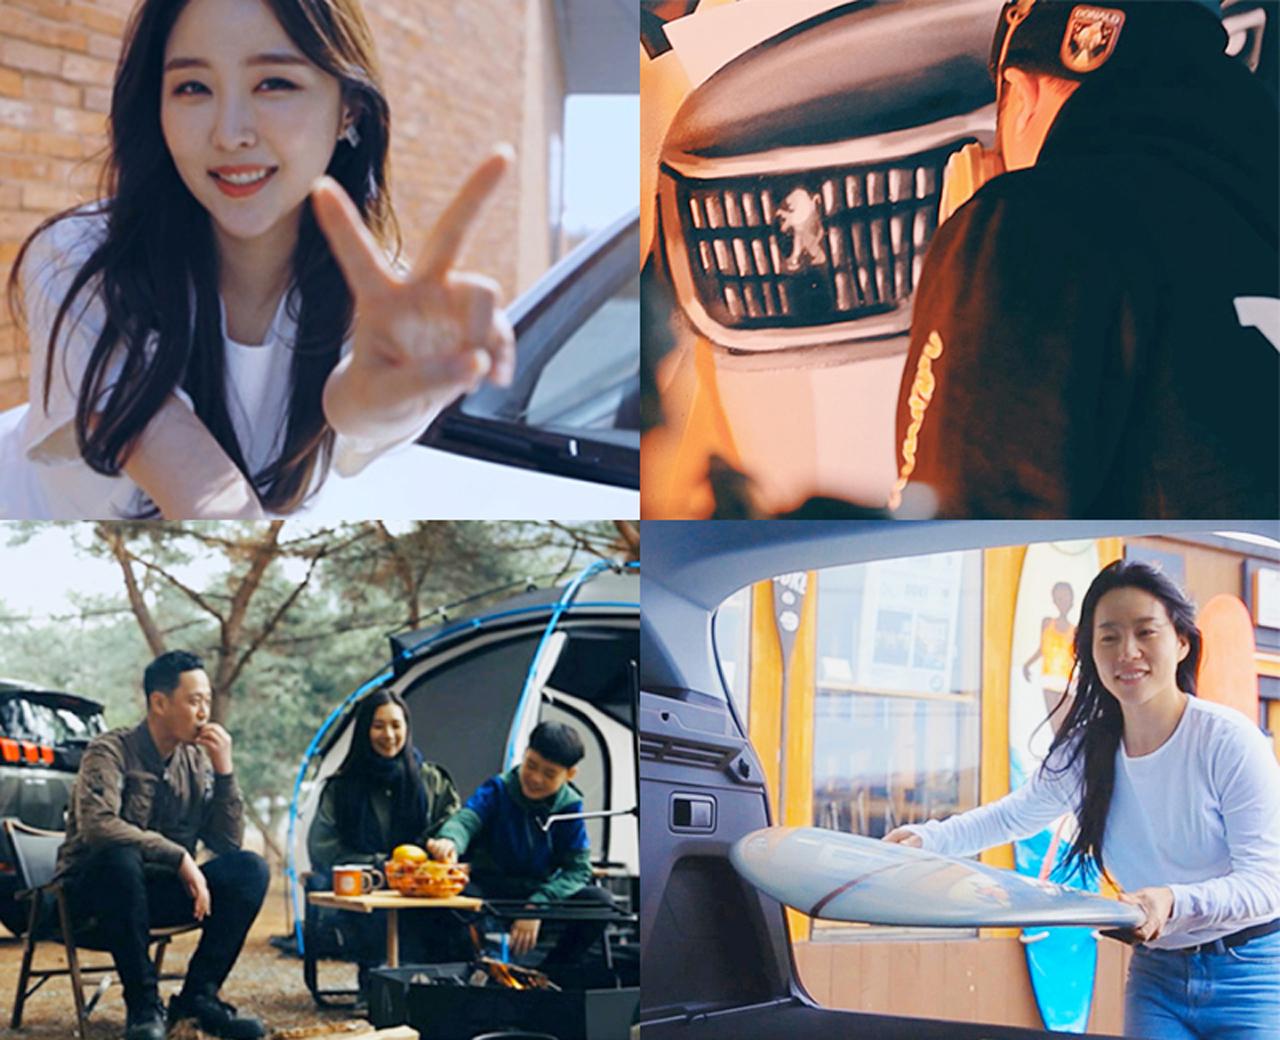 '푸조 SUV는 모든 삶에 옳다' 푸조 SUV 캠페인 스틸컷 (3)